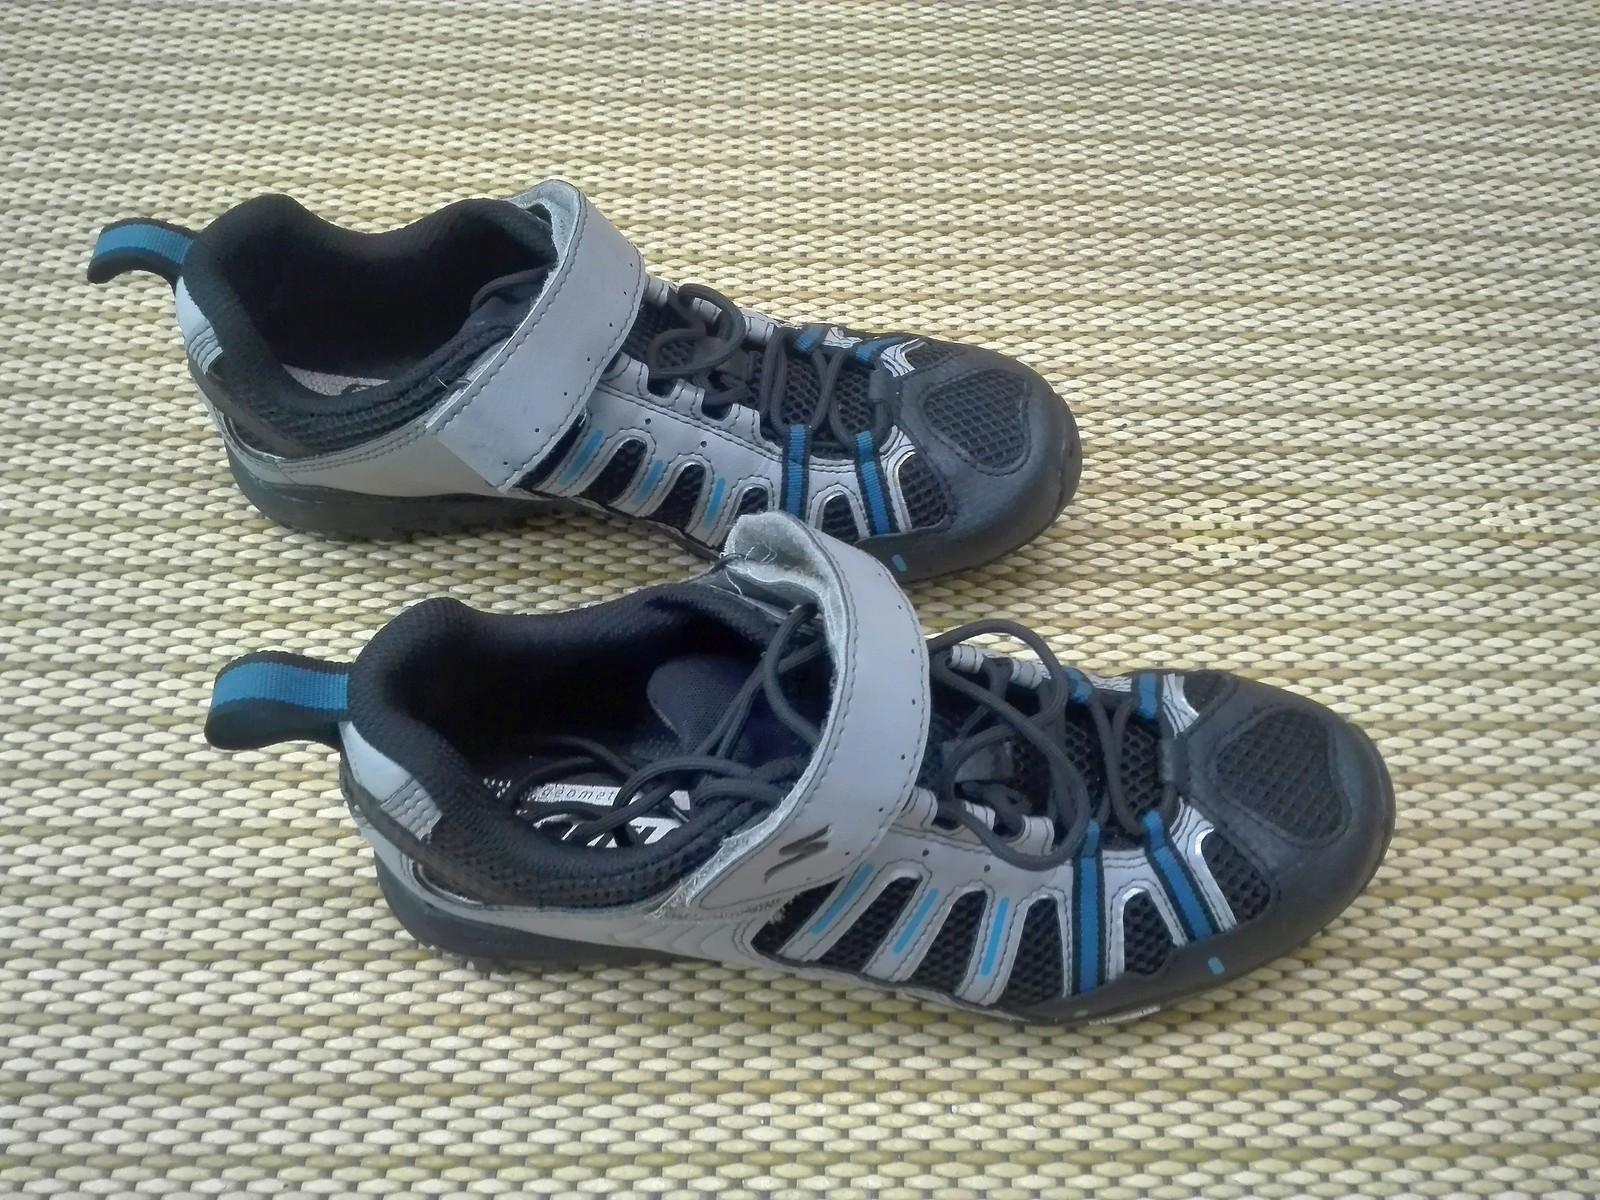 11f32c6693f347 Specialized Tahoe Sport MTB Schuh Gr. 40 - grau blau